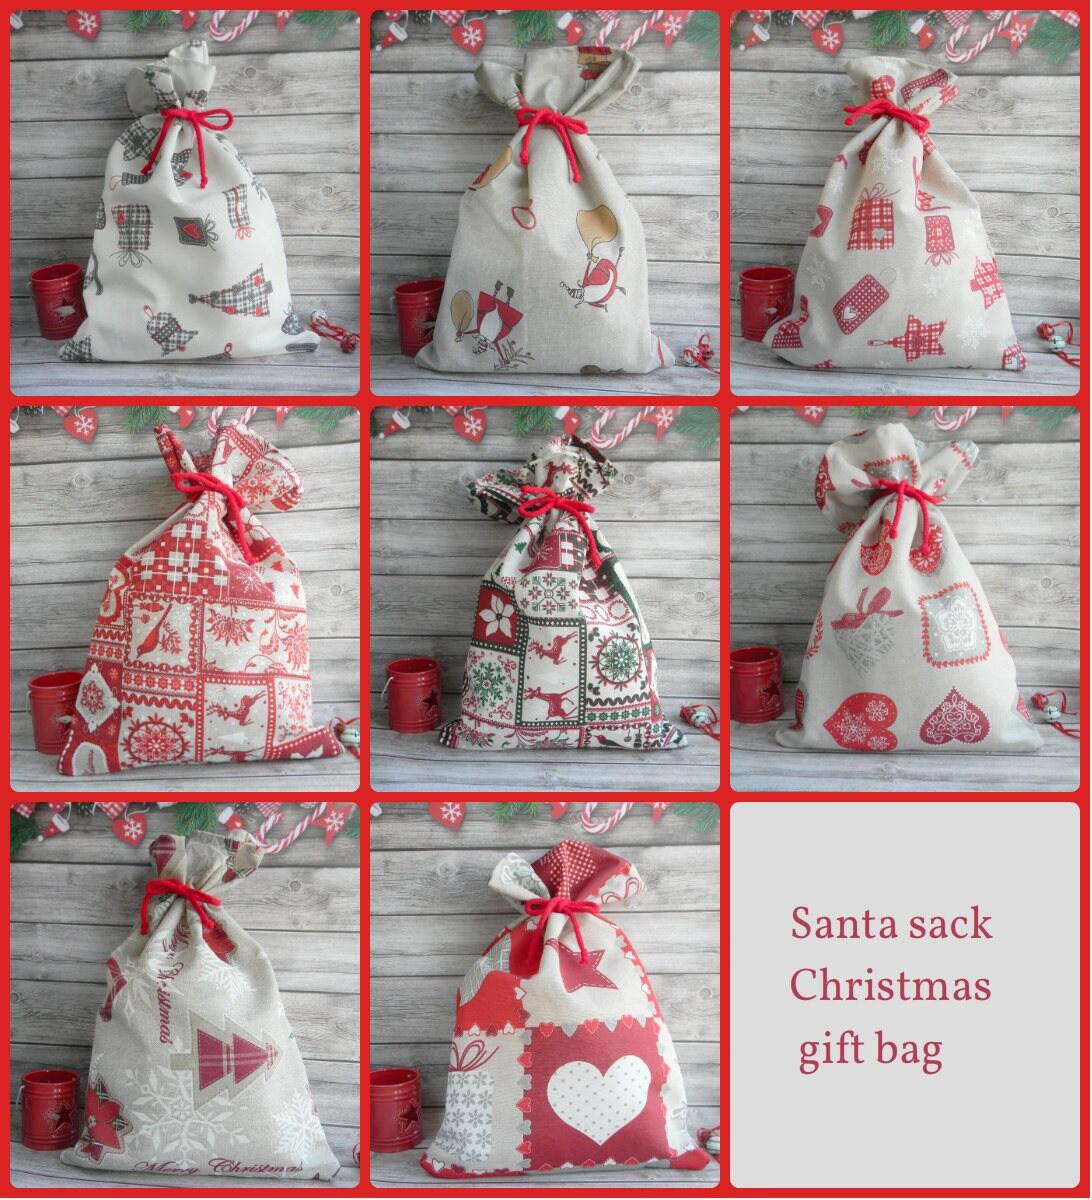 Santa Sack skandinavische Weihnachten Geschenk Tasche Rentier | Etsy